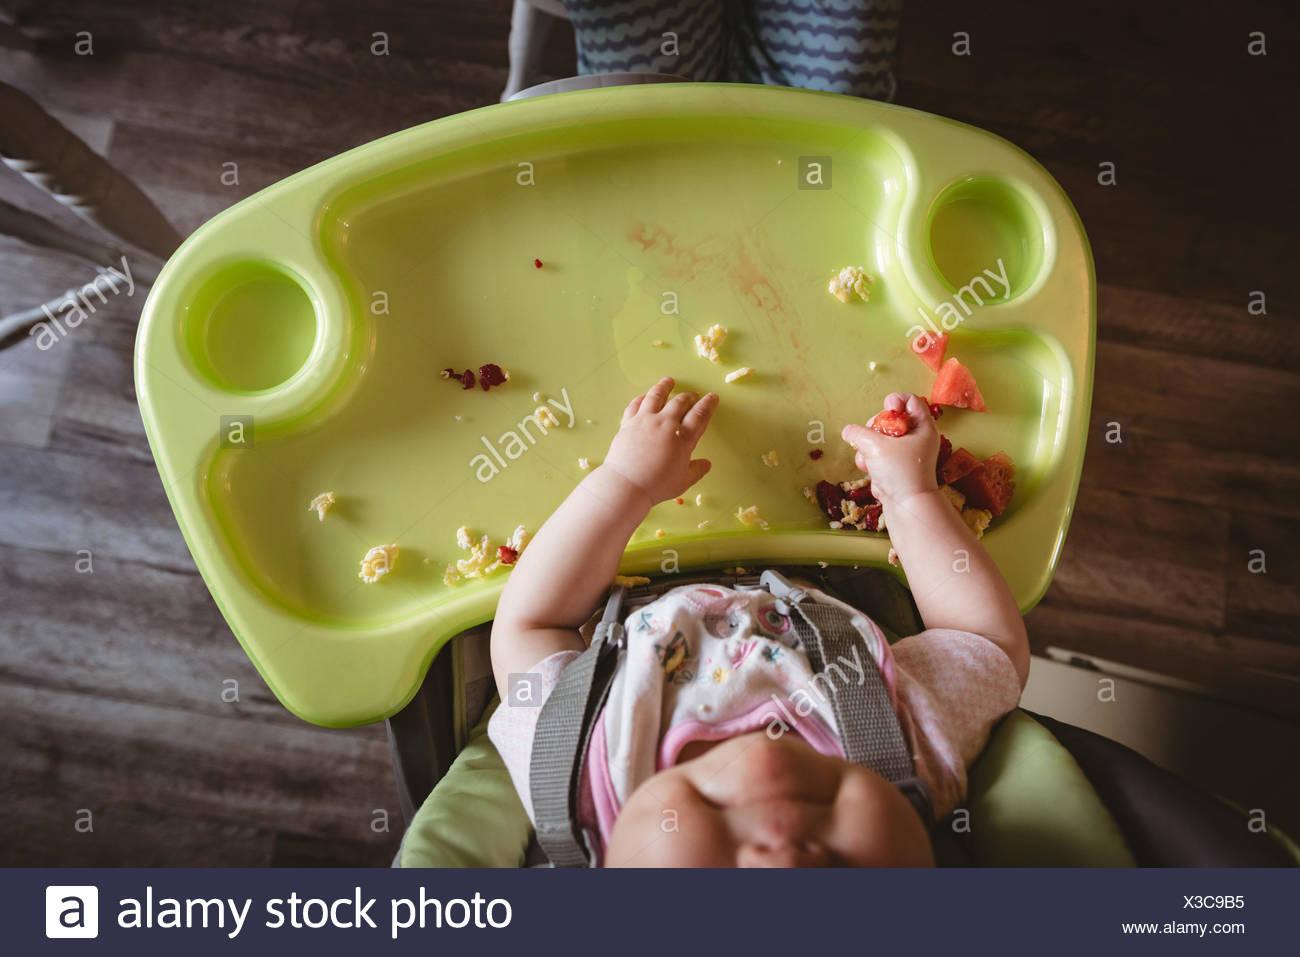 Sobrecarga de bebé sentado en la silla alta Imagen De Stock